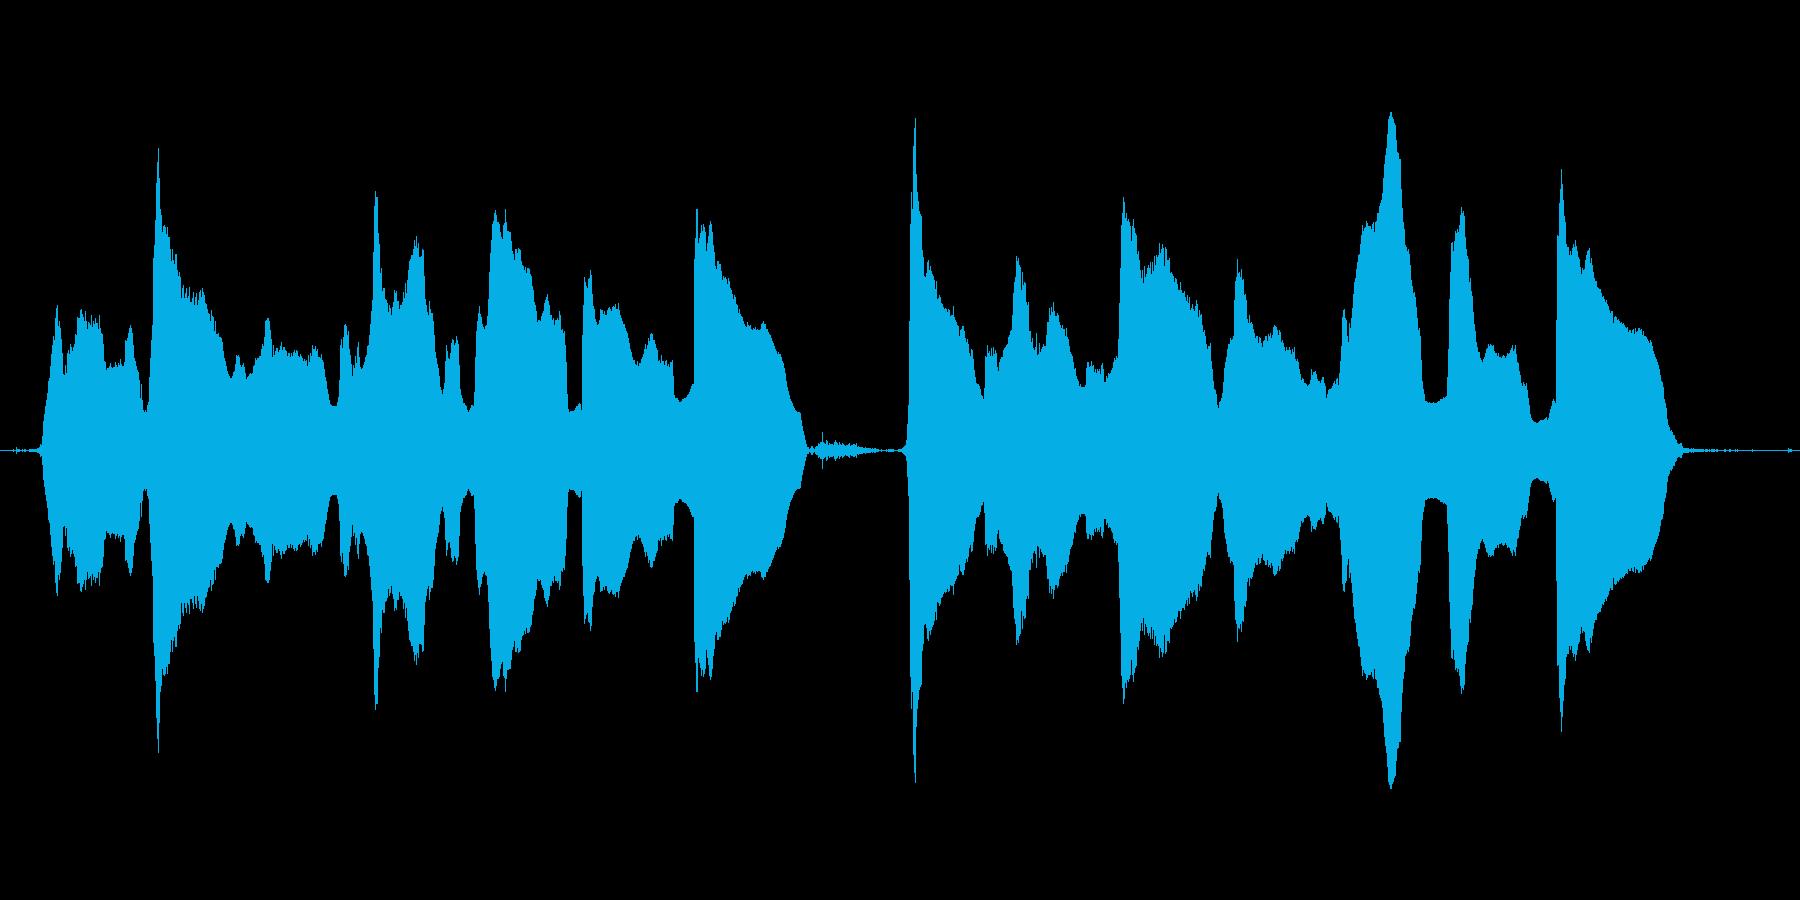 (かわいい歌)の再生済みの波形